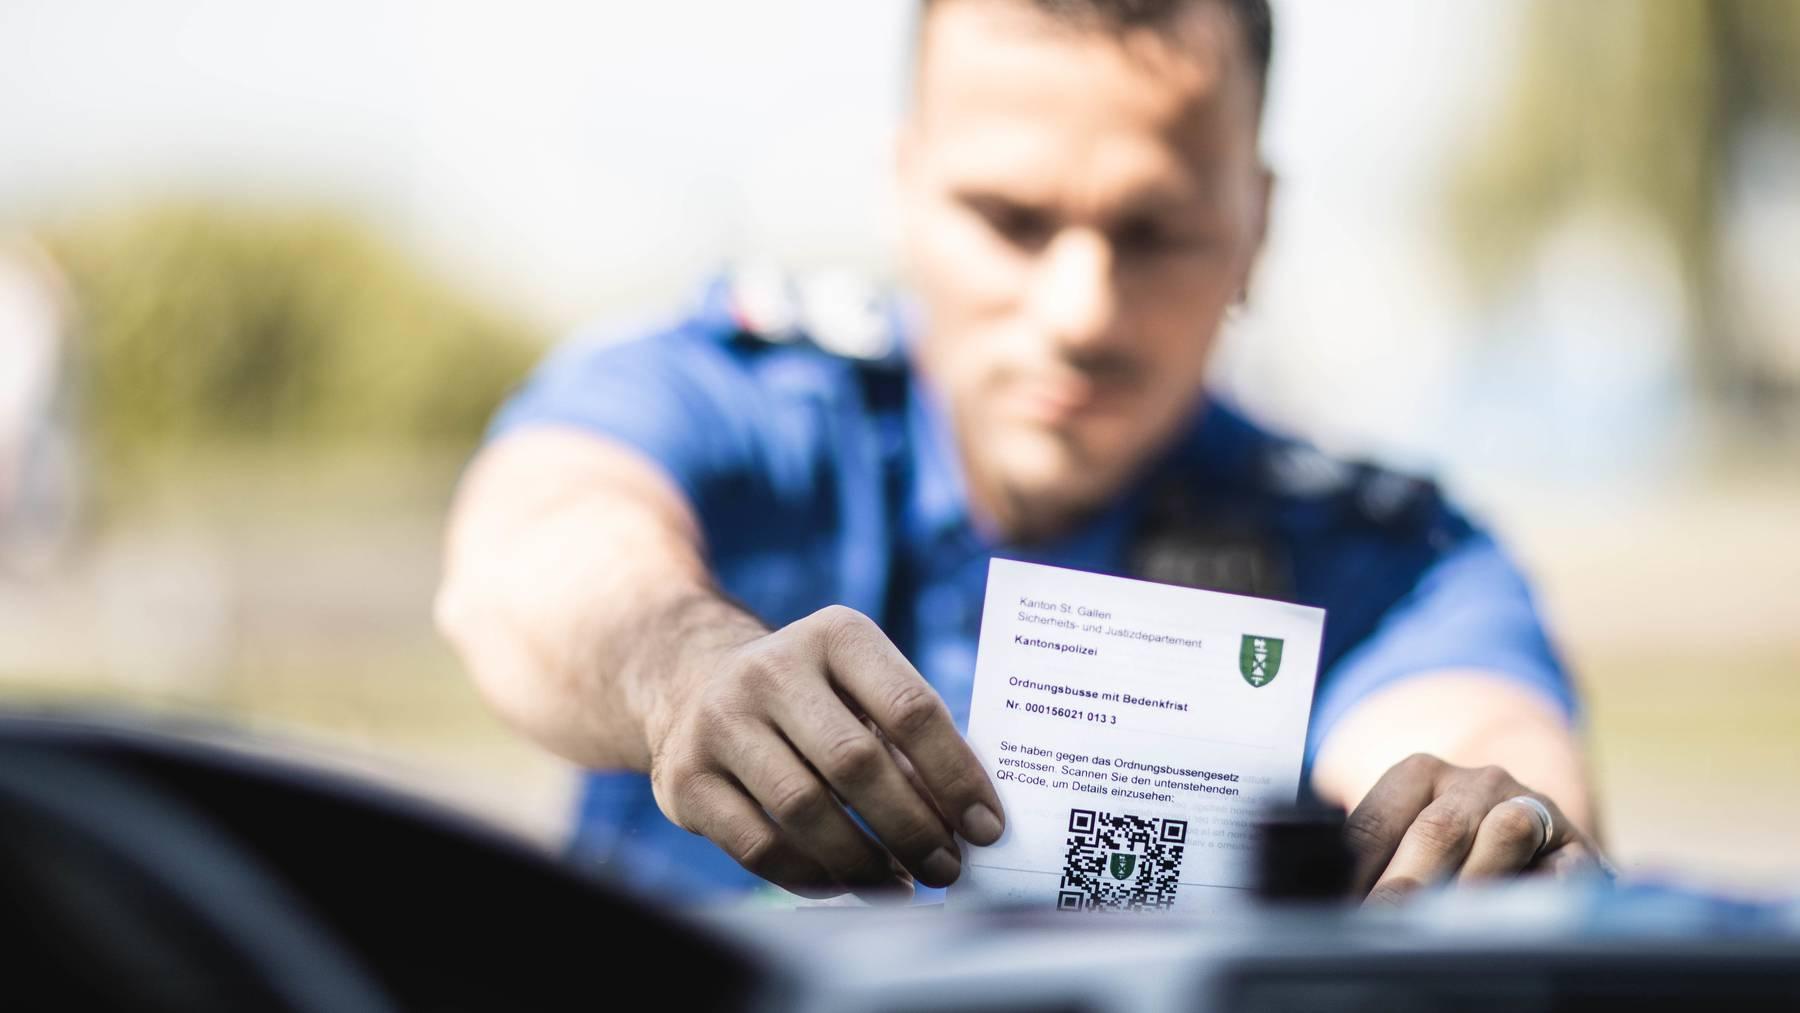 Symbolbild Polizist verteilt Busse